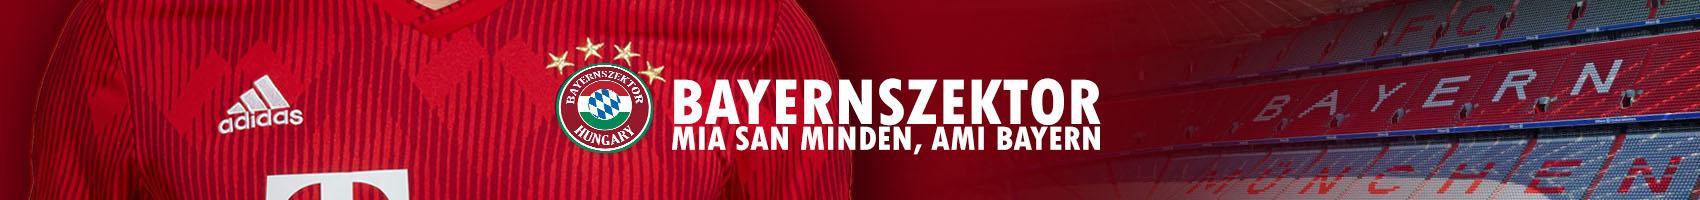 Bayernszektor.hu